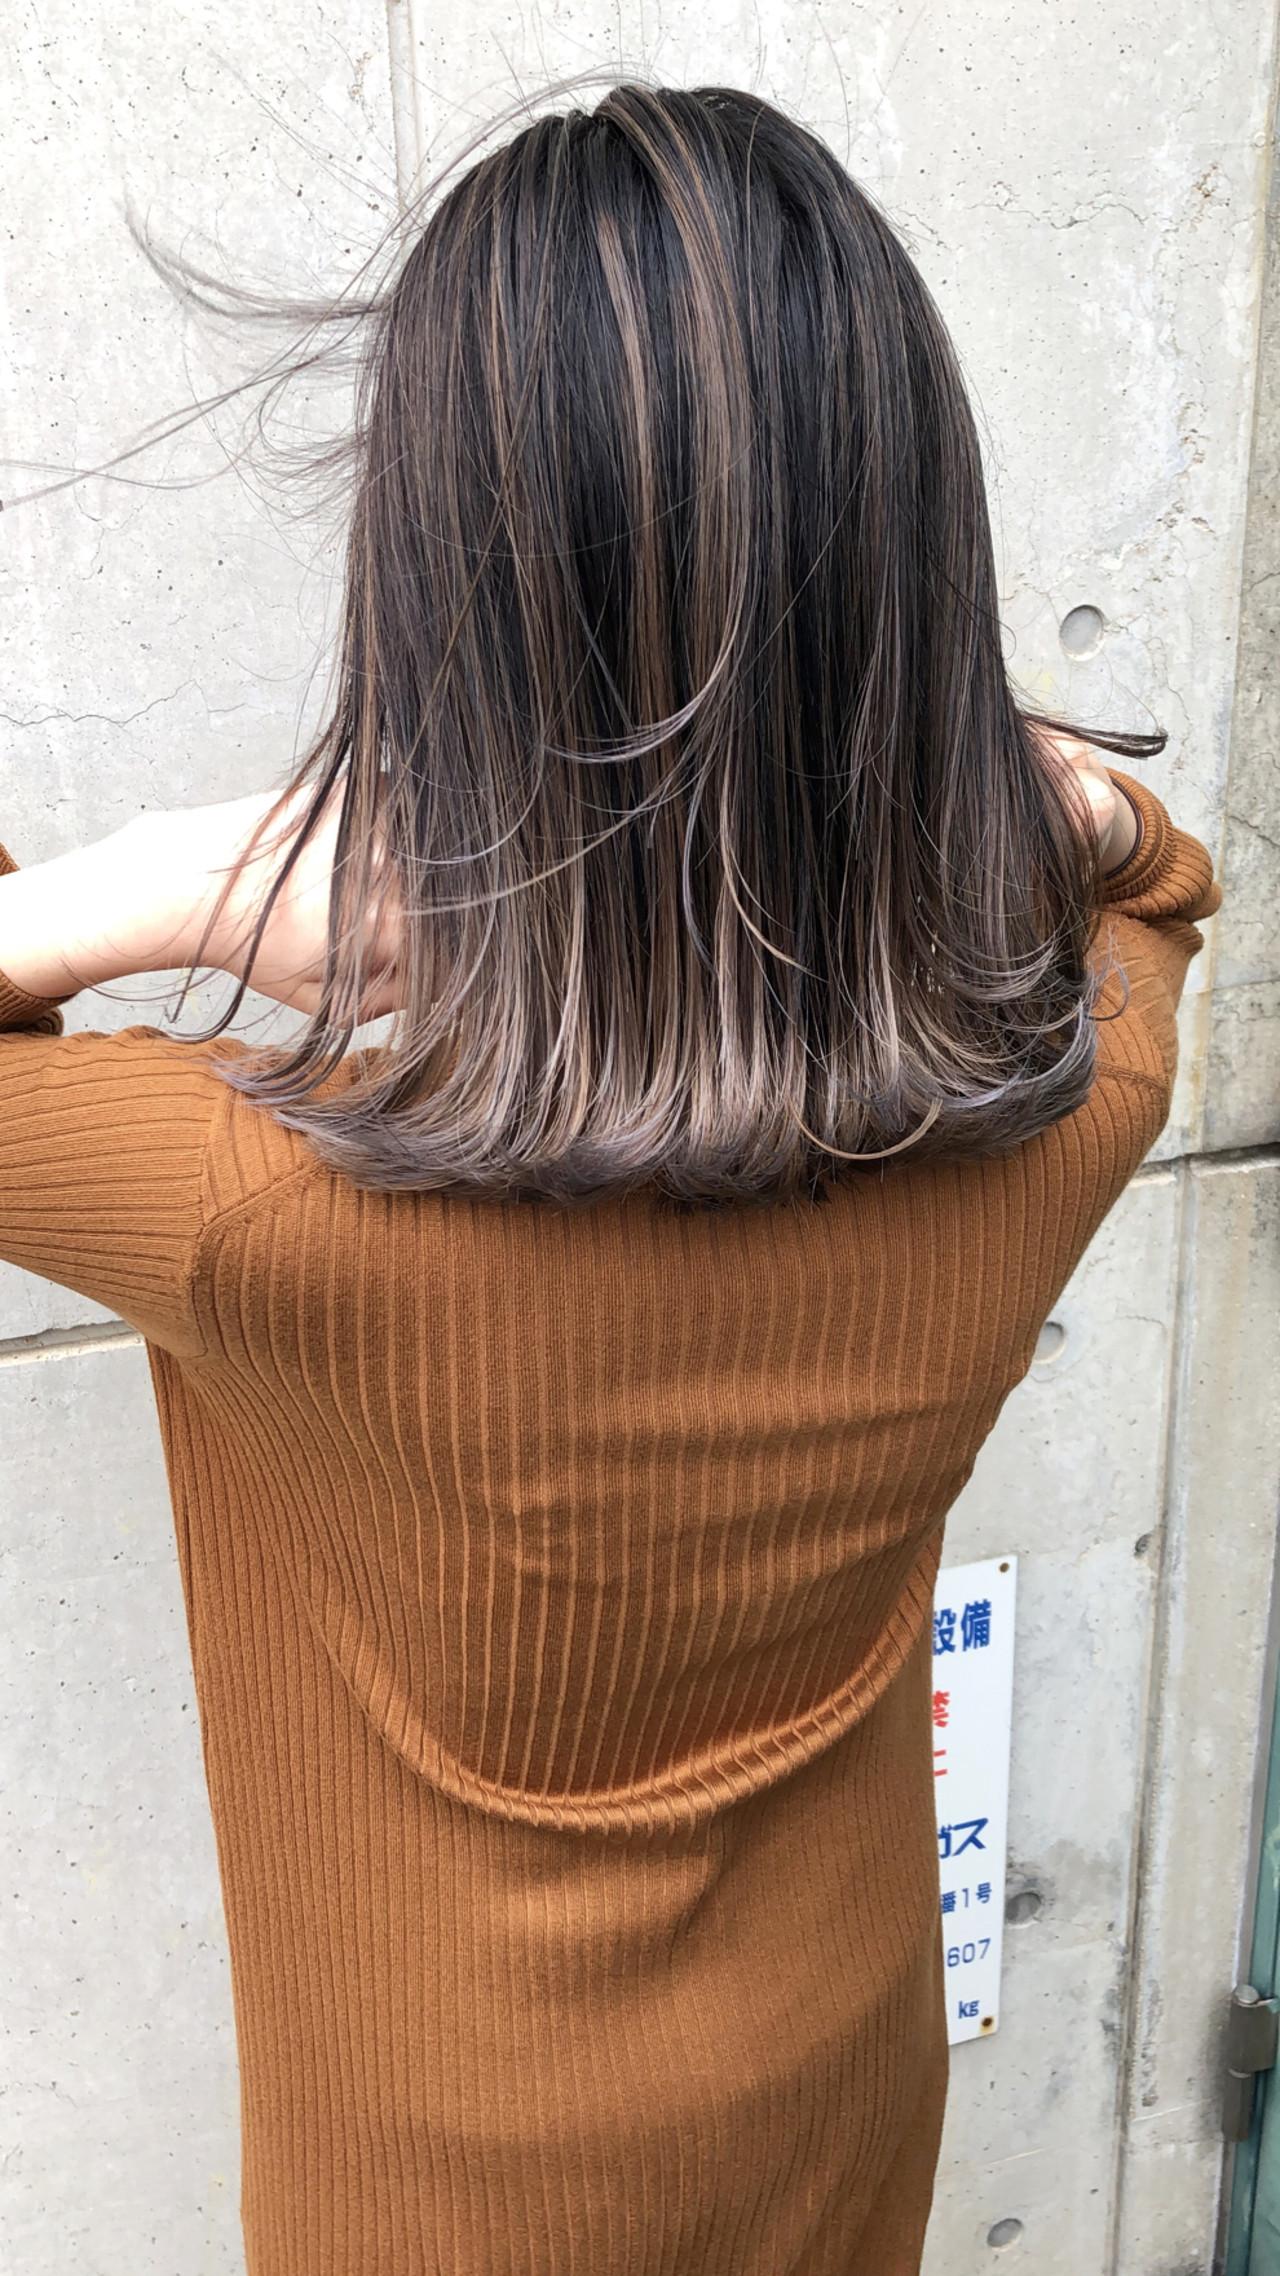 ボブ 切りっぱなしボブ ミルクティーベージュ バレイヤージュ ヘアスタイルや髪型の写真・画像 | 渡辺拓吏【NUM】 / hair salon NUM